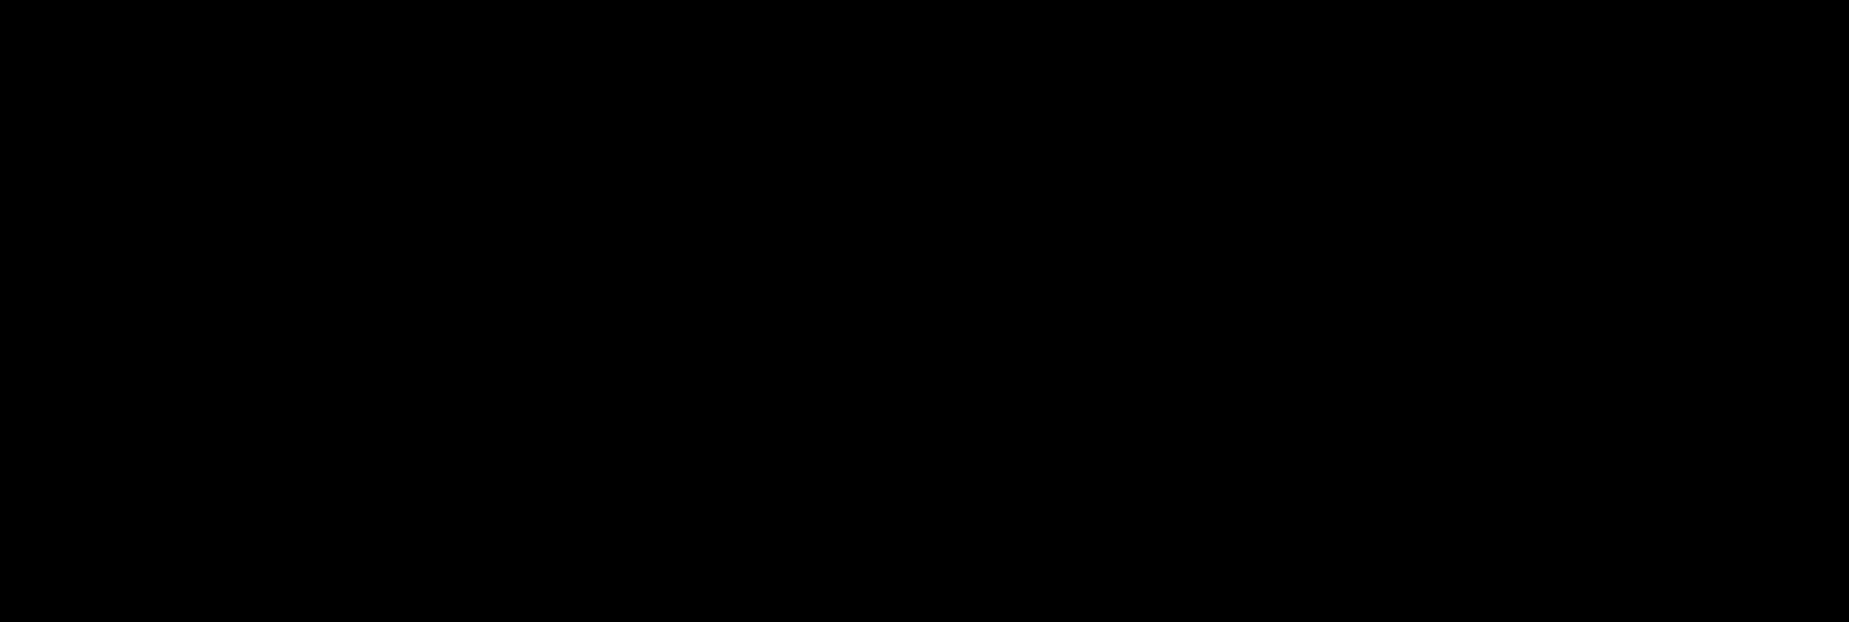 Diethyl (8-aminooctyl)phosphonate